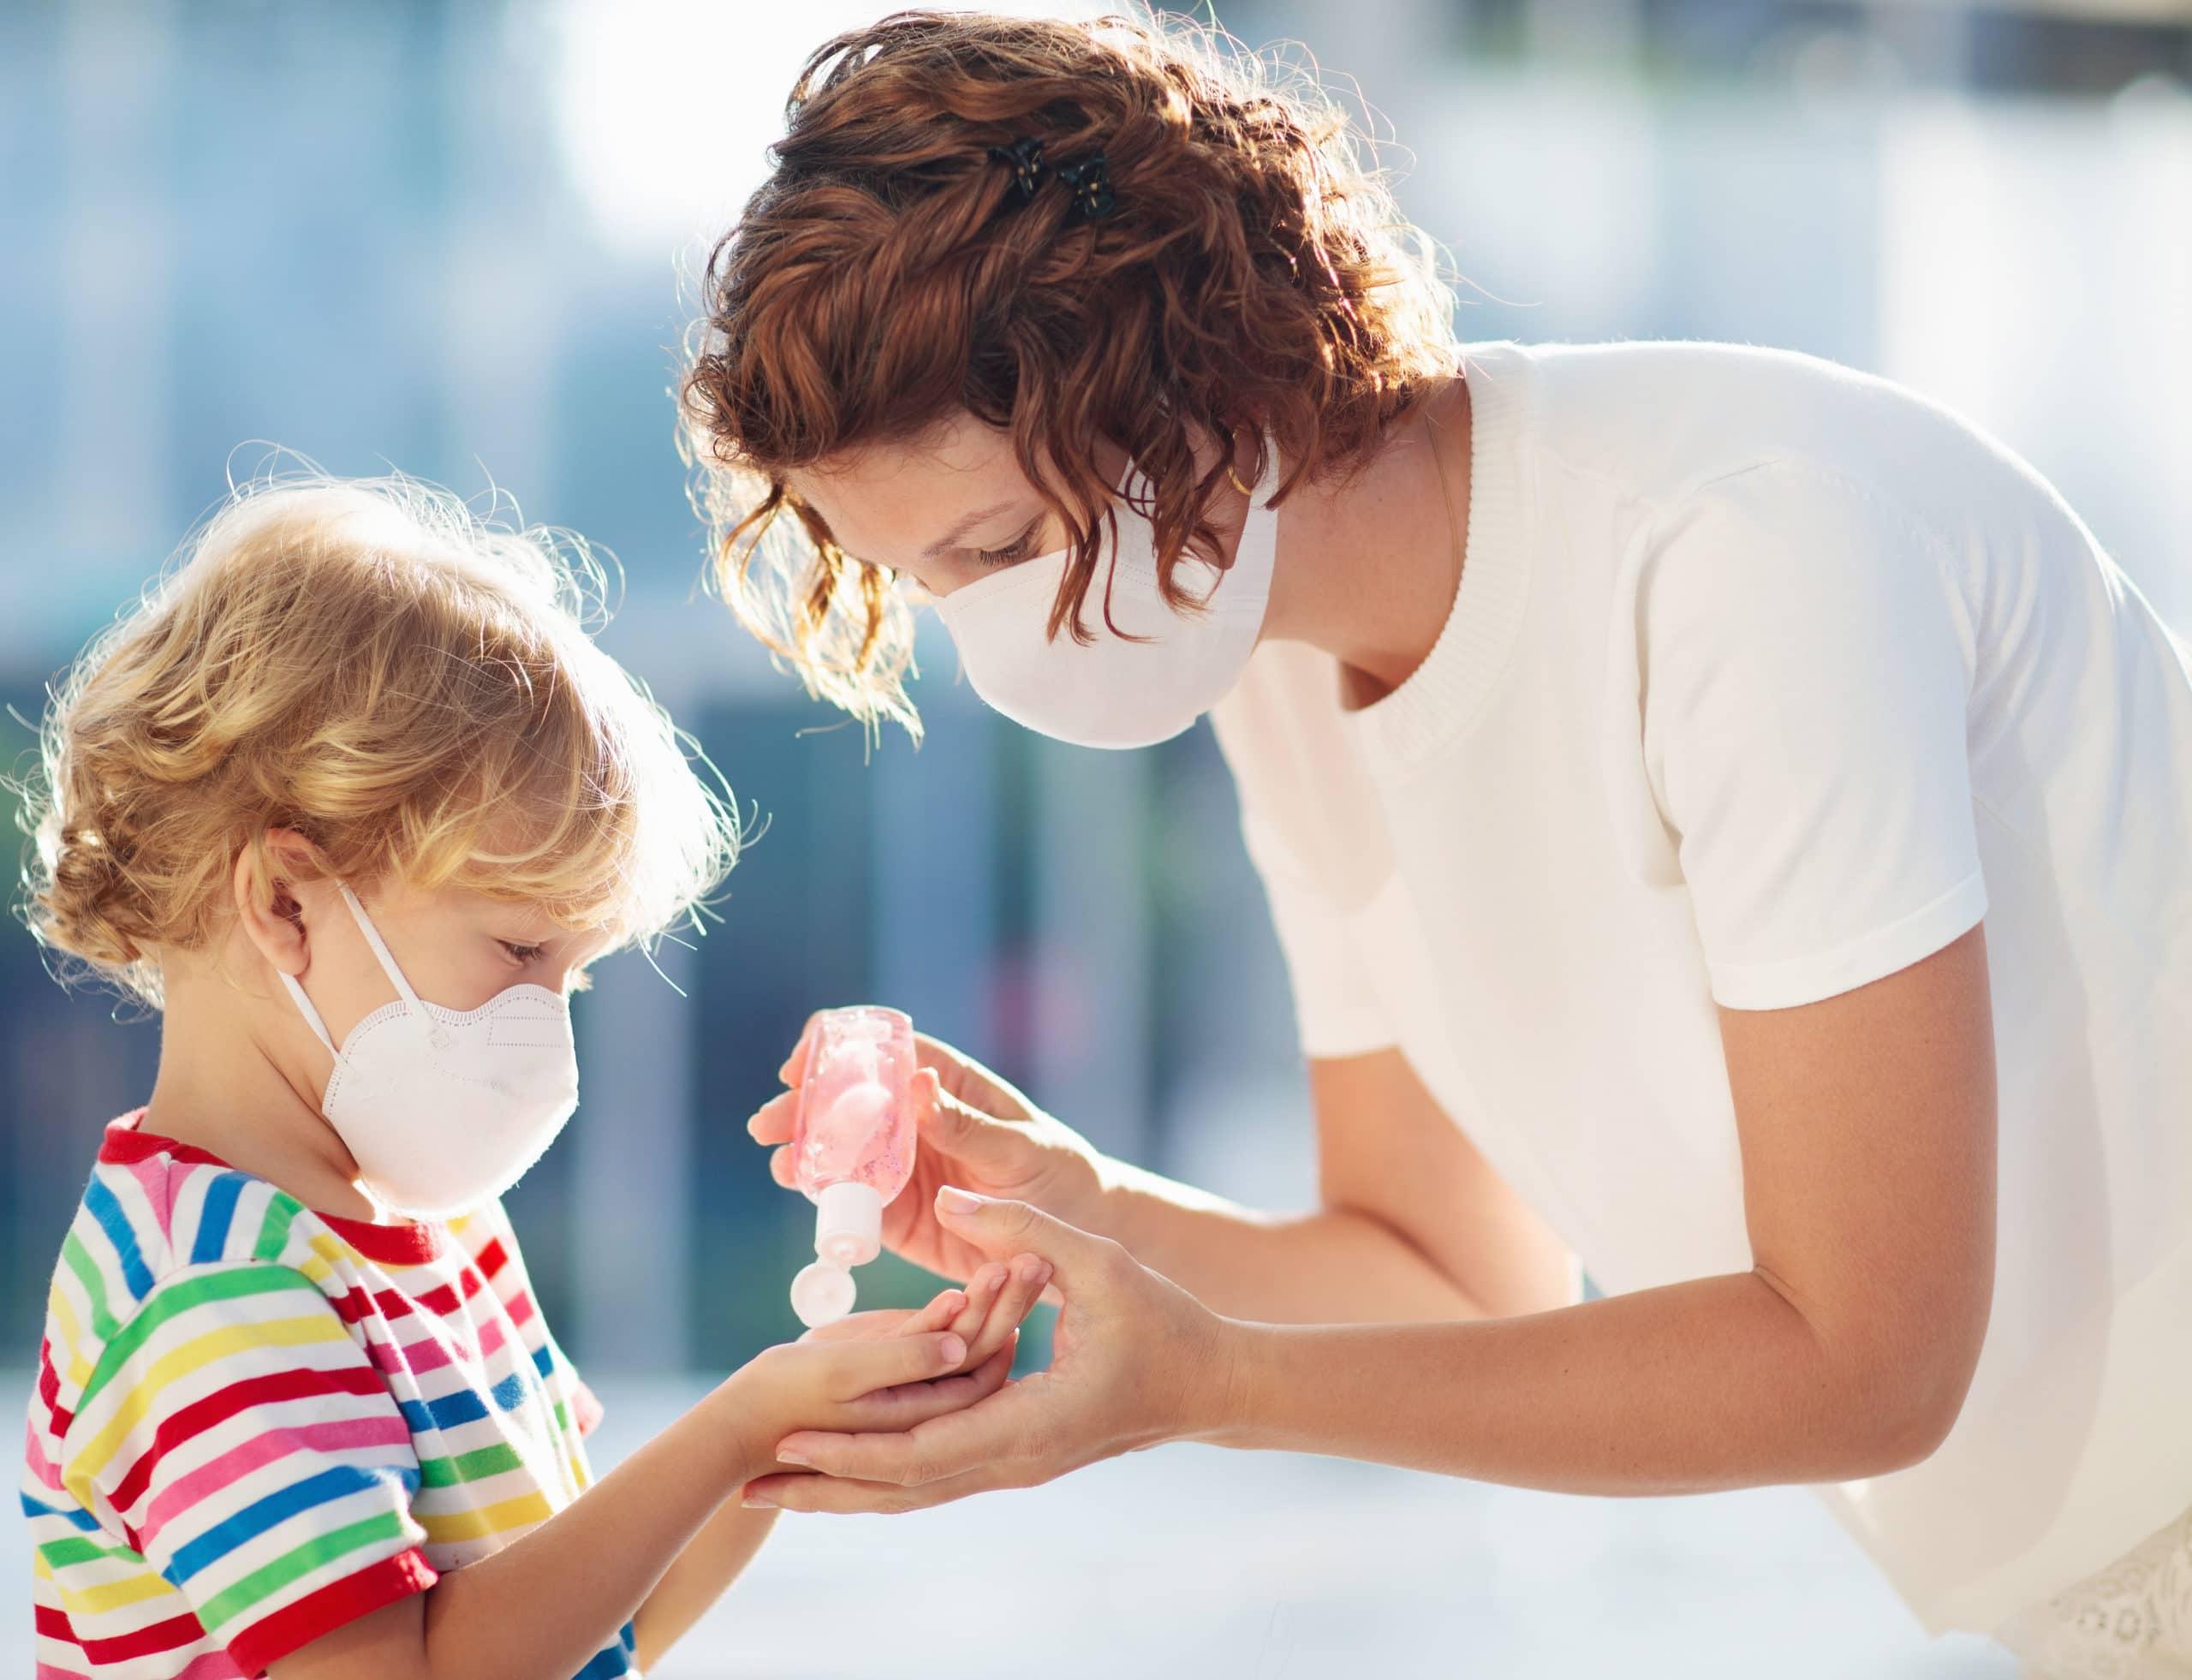 Caregiving in the Age of Coronavirus